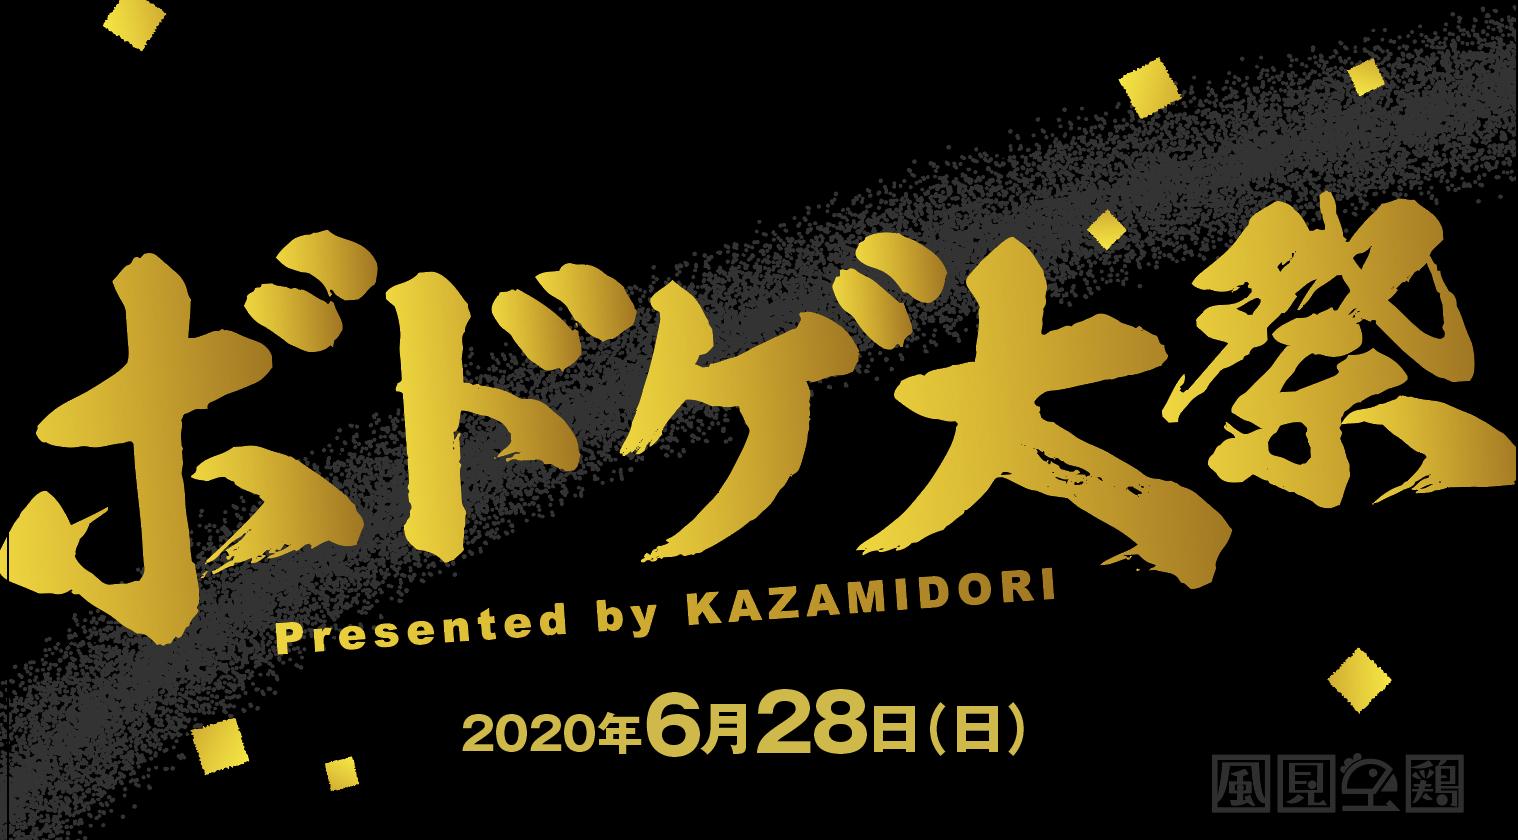 風見鶏、ボードゲームのオンライン販売会「ボドゲ大祭」を2020年6月28日(日)に開催決定!!!